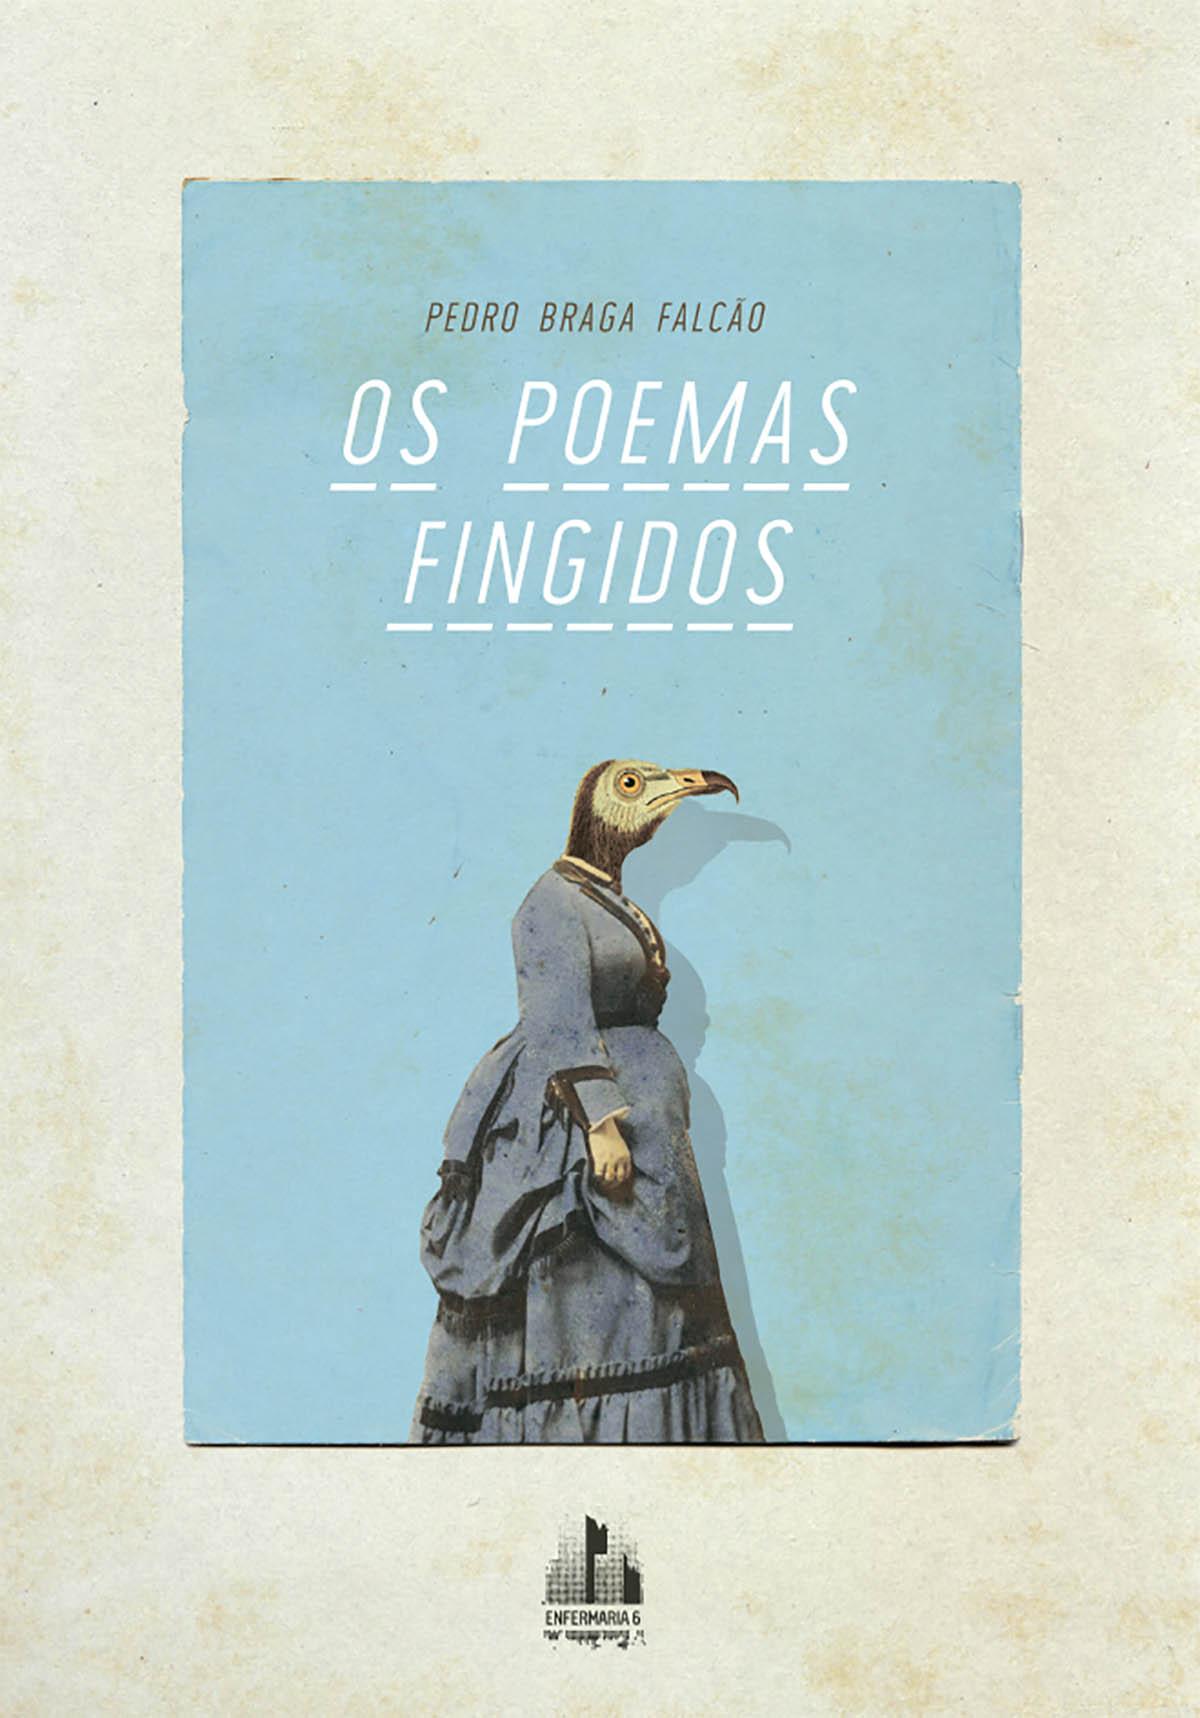 Pedro Braga Falcão, Os Poemas Fingidos